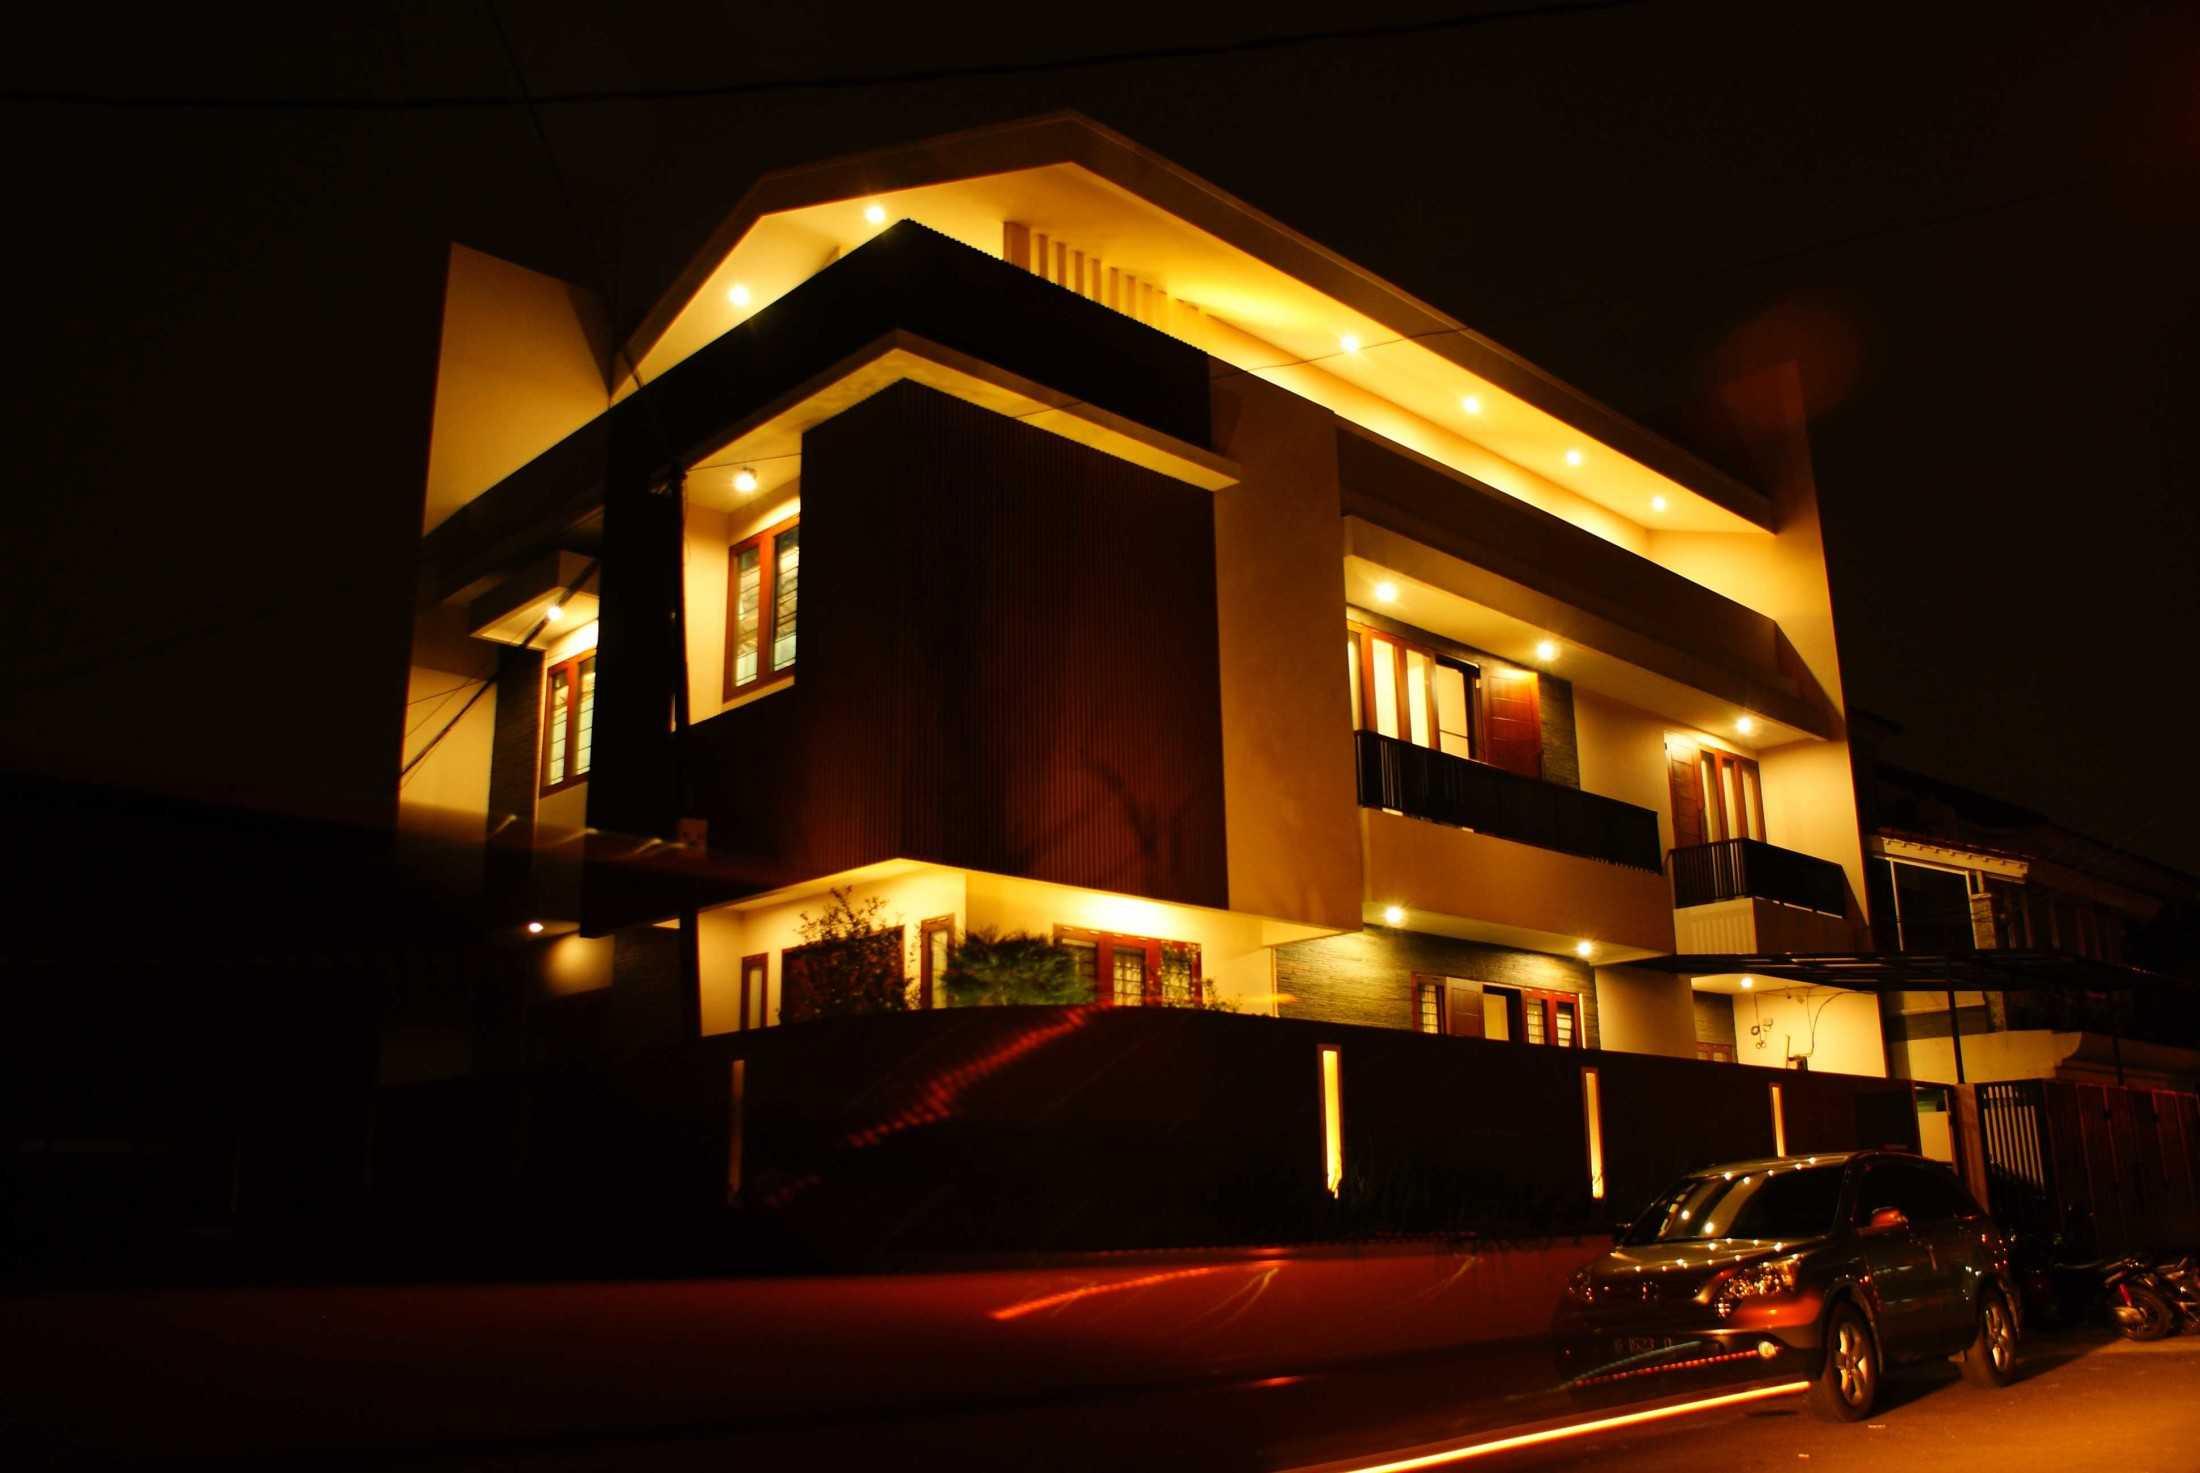 Avana Architecture Rumah Tinggal Di Janur Hijau Jakarta Utara, Kota Jkt Utara, Daerah Khusus Ibukota Jakarta, Indonesia Jakarta Utara, Kota Jkt Utara, Daerah Khusus Ibukota Jakarta, Indonesia Avana-Architecture-Rumah-Tinggal-Di-Janur-Hijau  57560